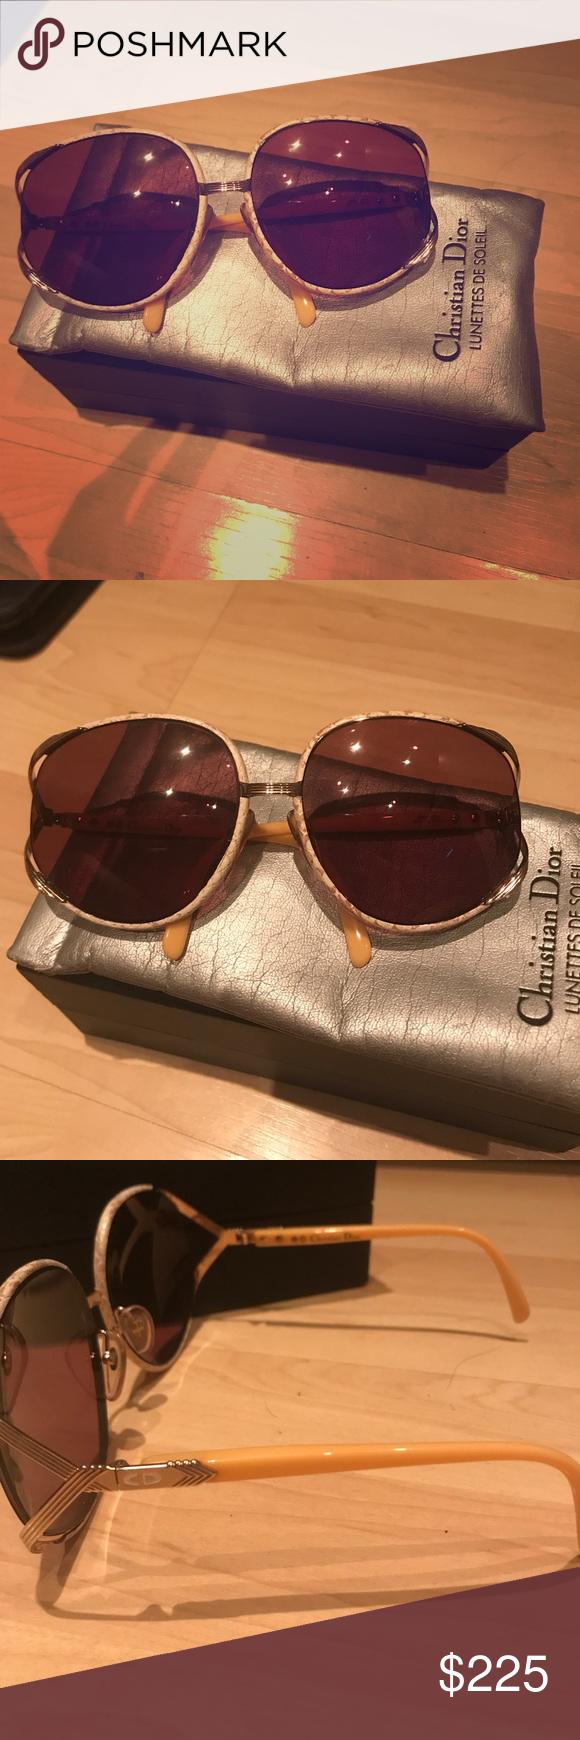 fe621b8b518e Vintage Christian Dior 2250 snakeskin sunglasses Vintage Christian Dior  sunglasses wrapped in snake skin. Christian Dior Accessories Sunglasses